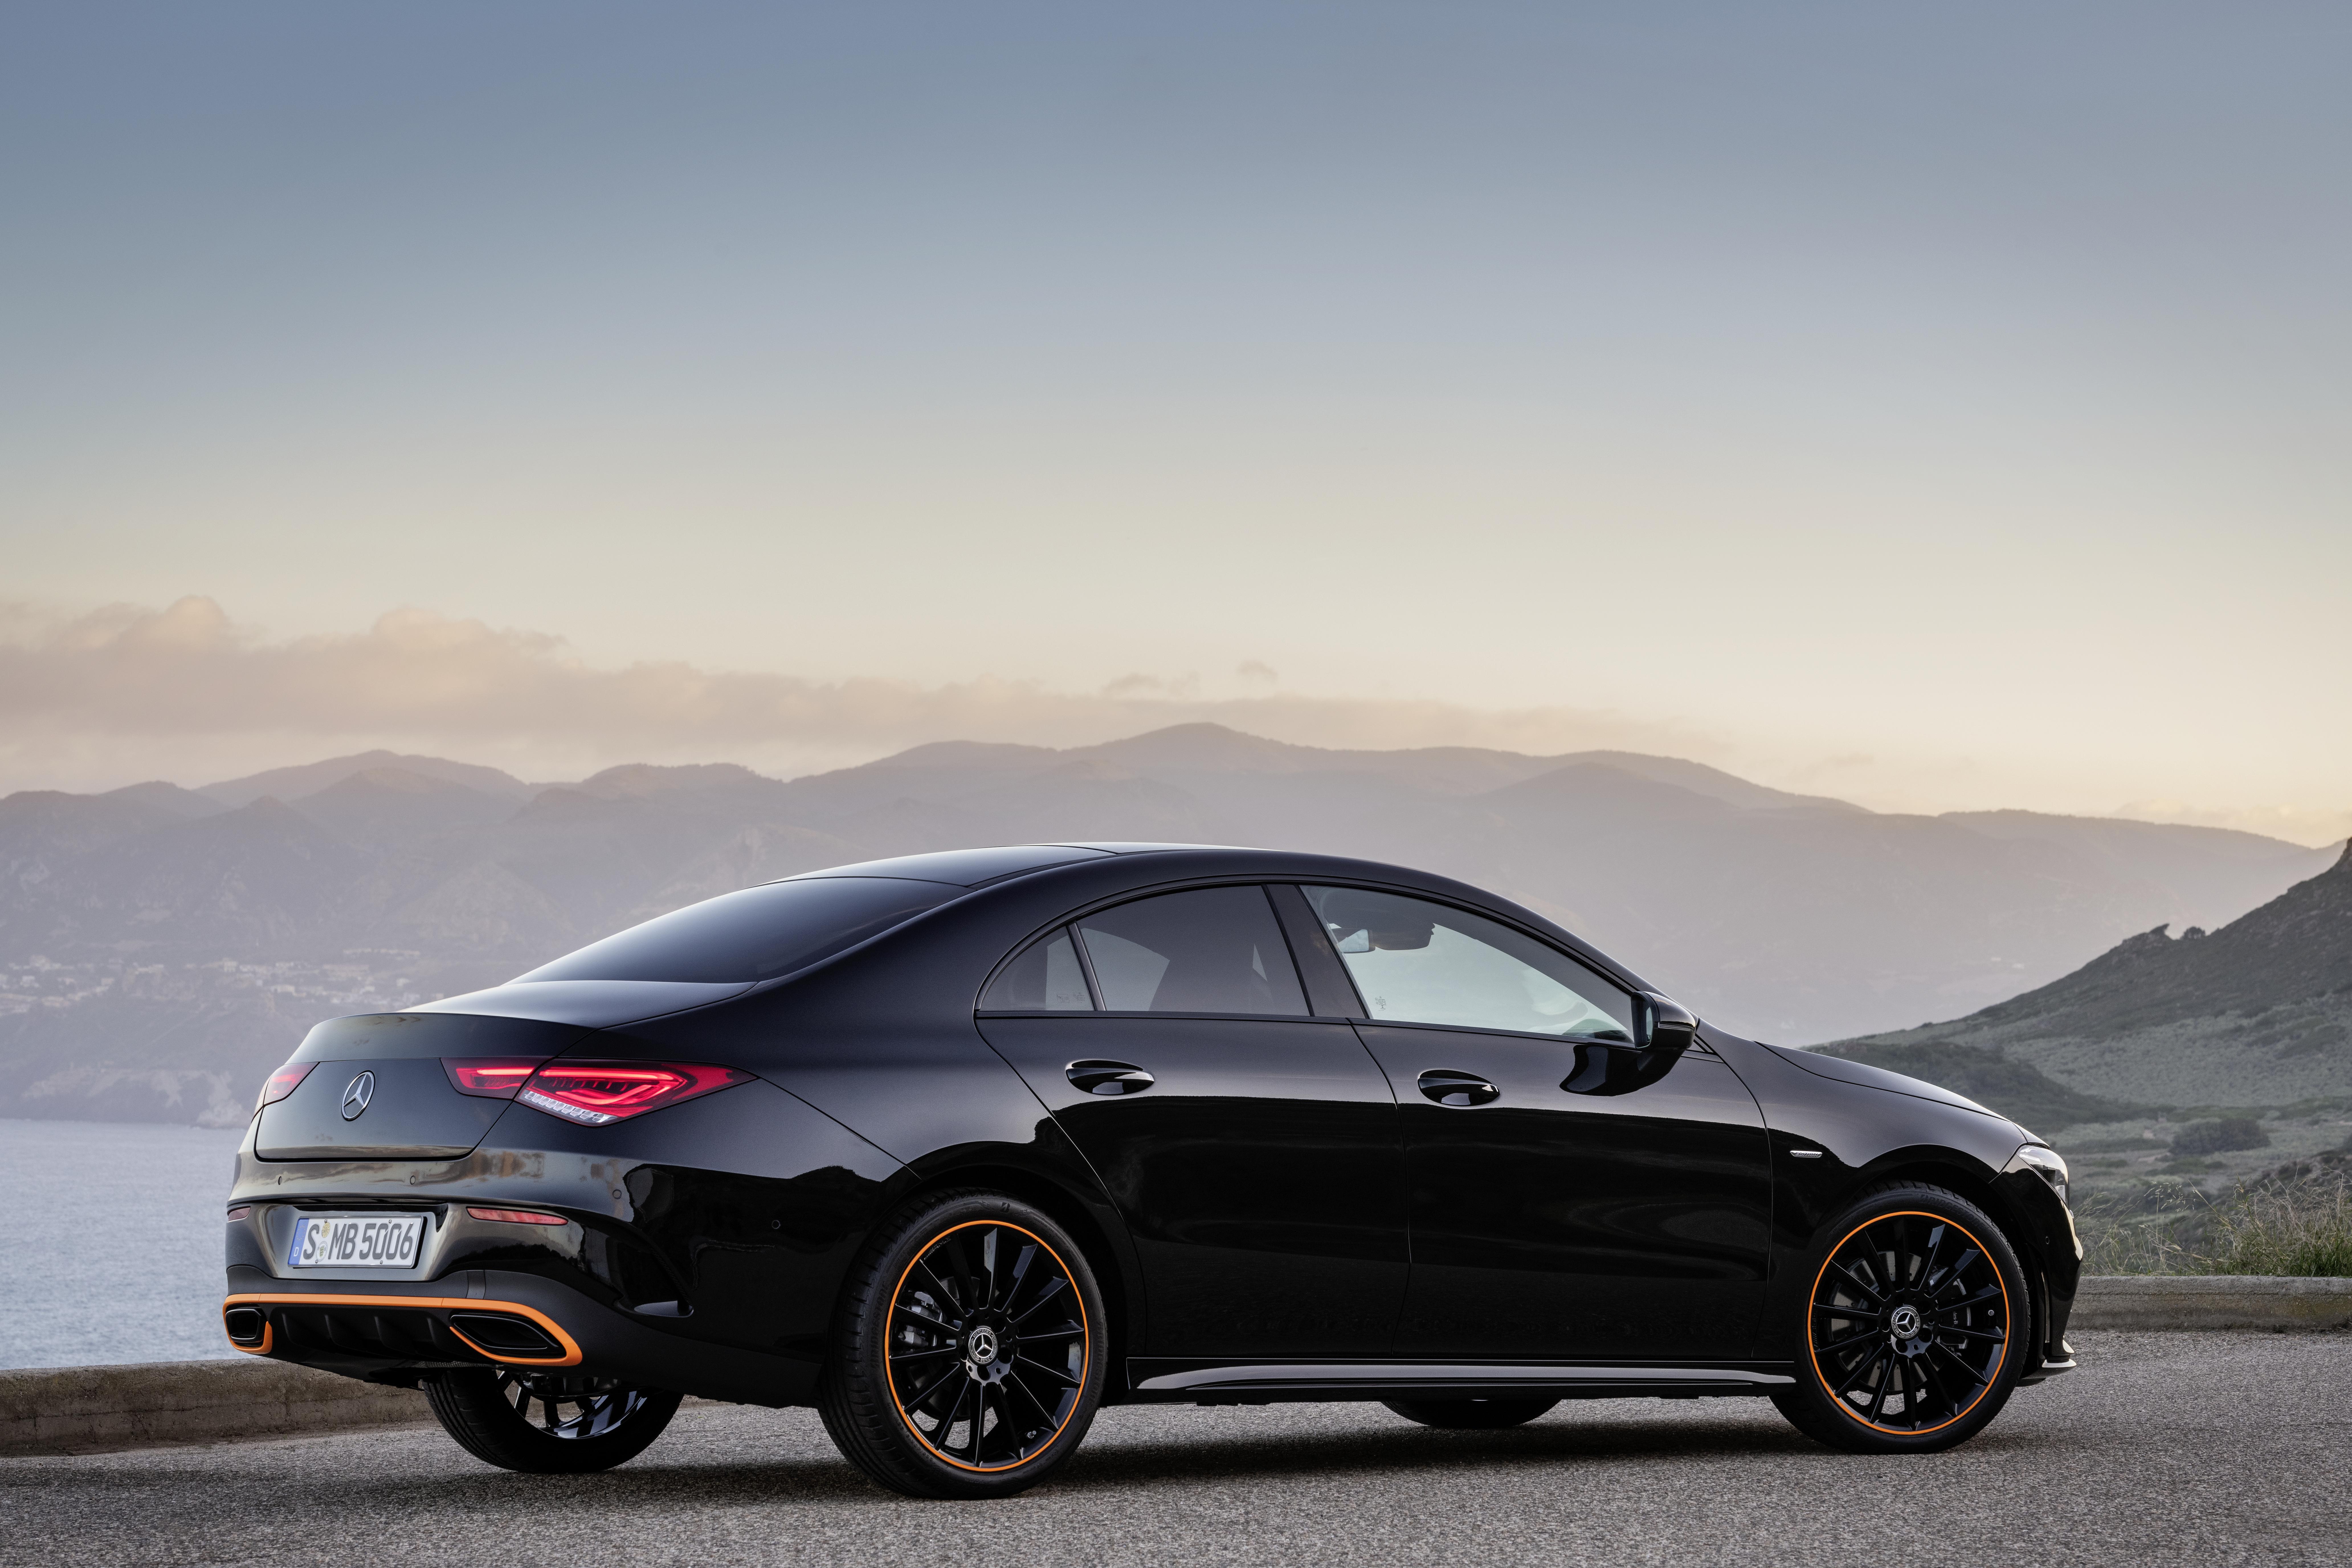 Das neue Mercedes-Benz CLA Coupé: So schön kann automobile Intelligenz sein The new Mercedes-Benz CLA Coupé: Automotive intelligence can be this beautiful